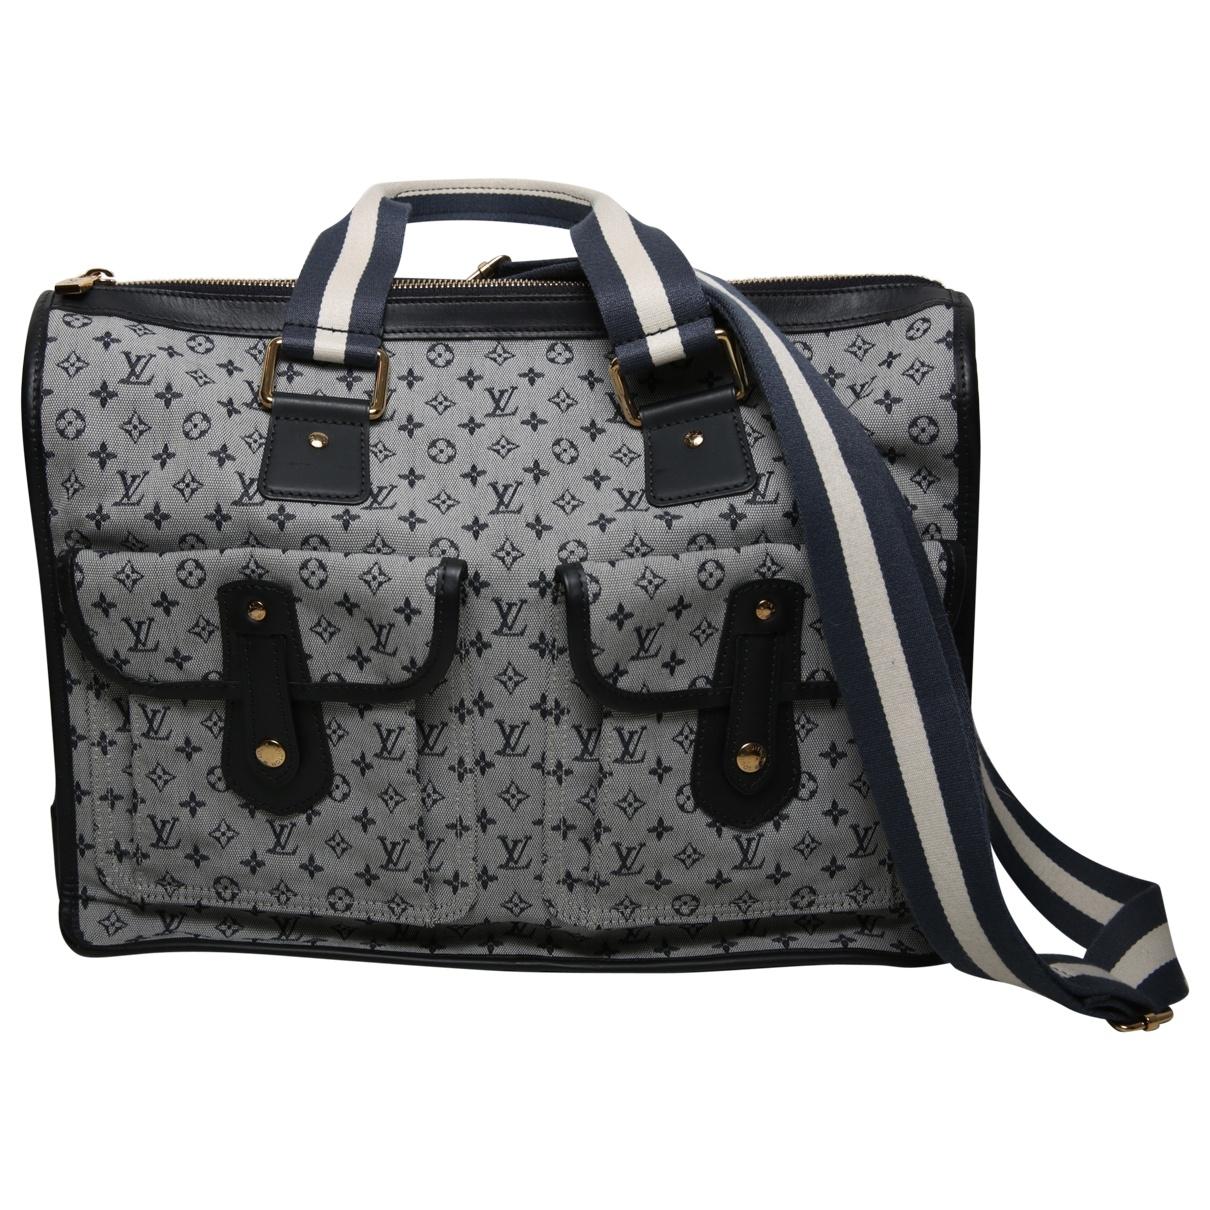 Louis Vuitton Mary Kate Handtasche in  Blau Baumwolle